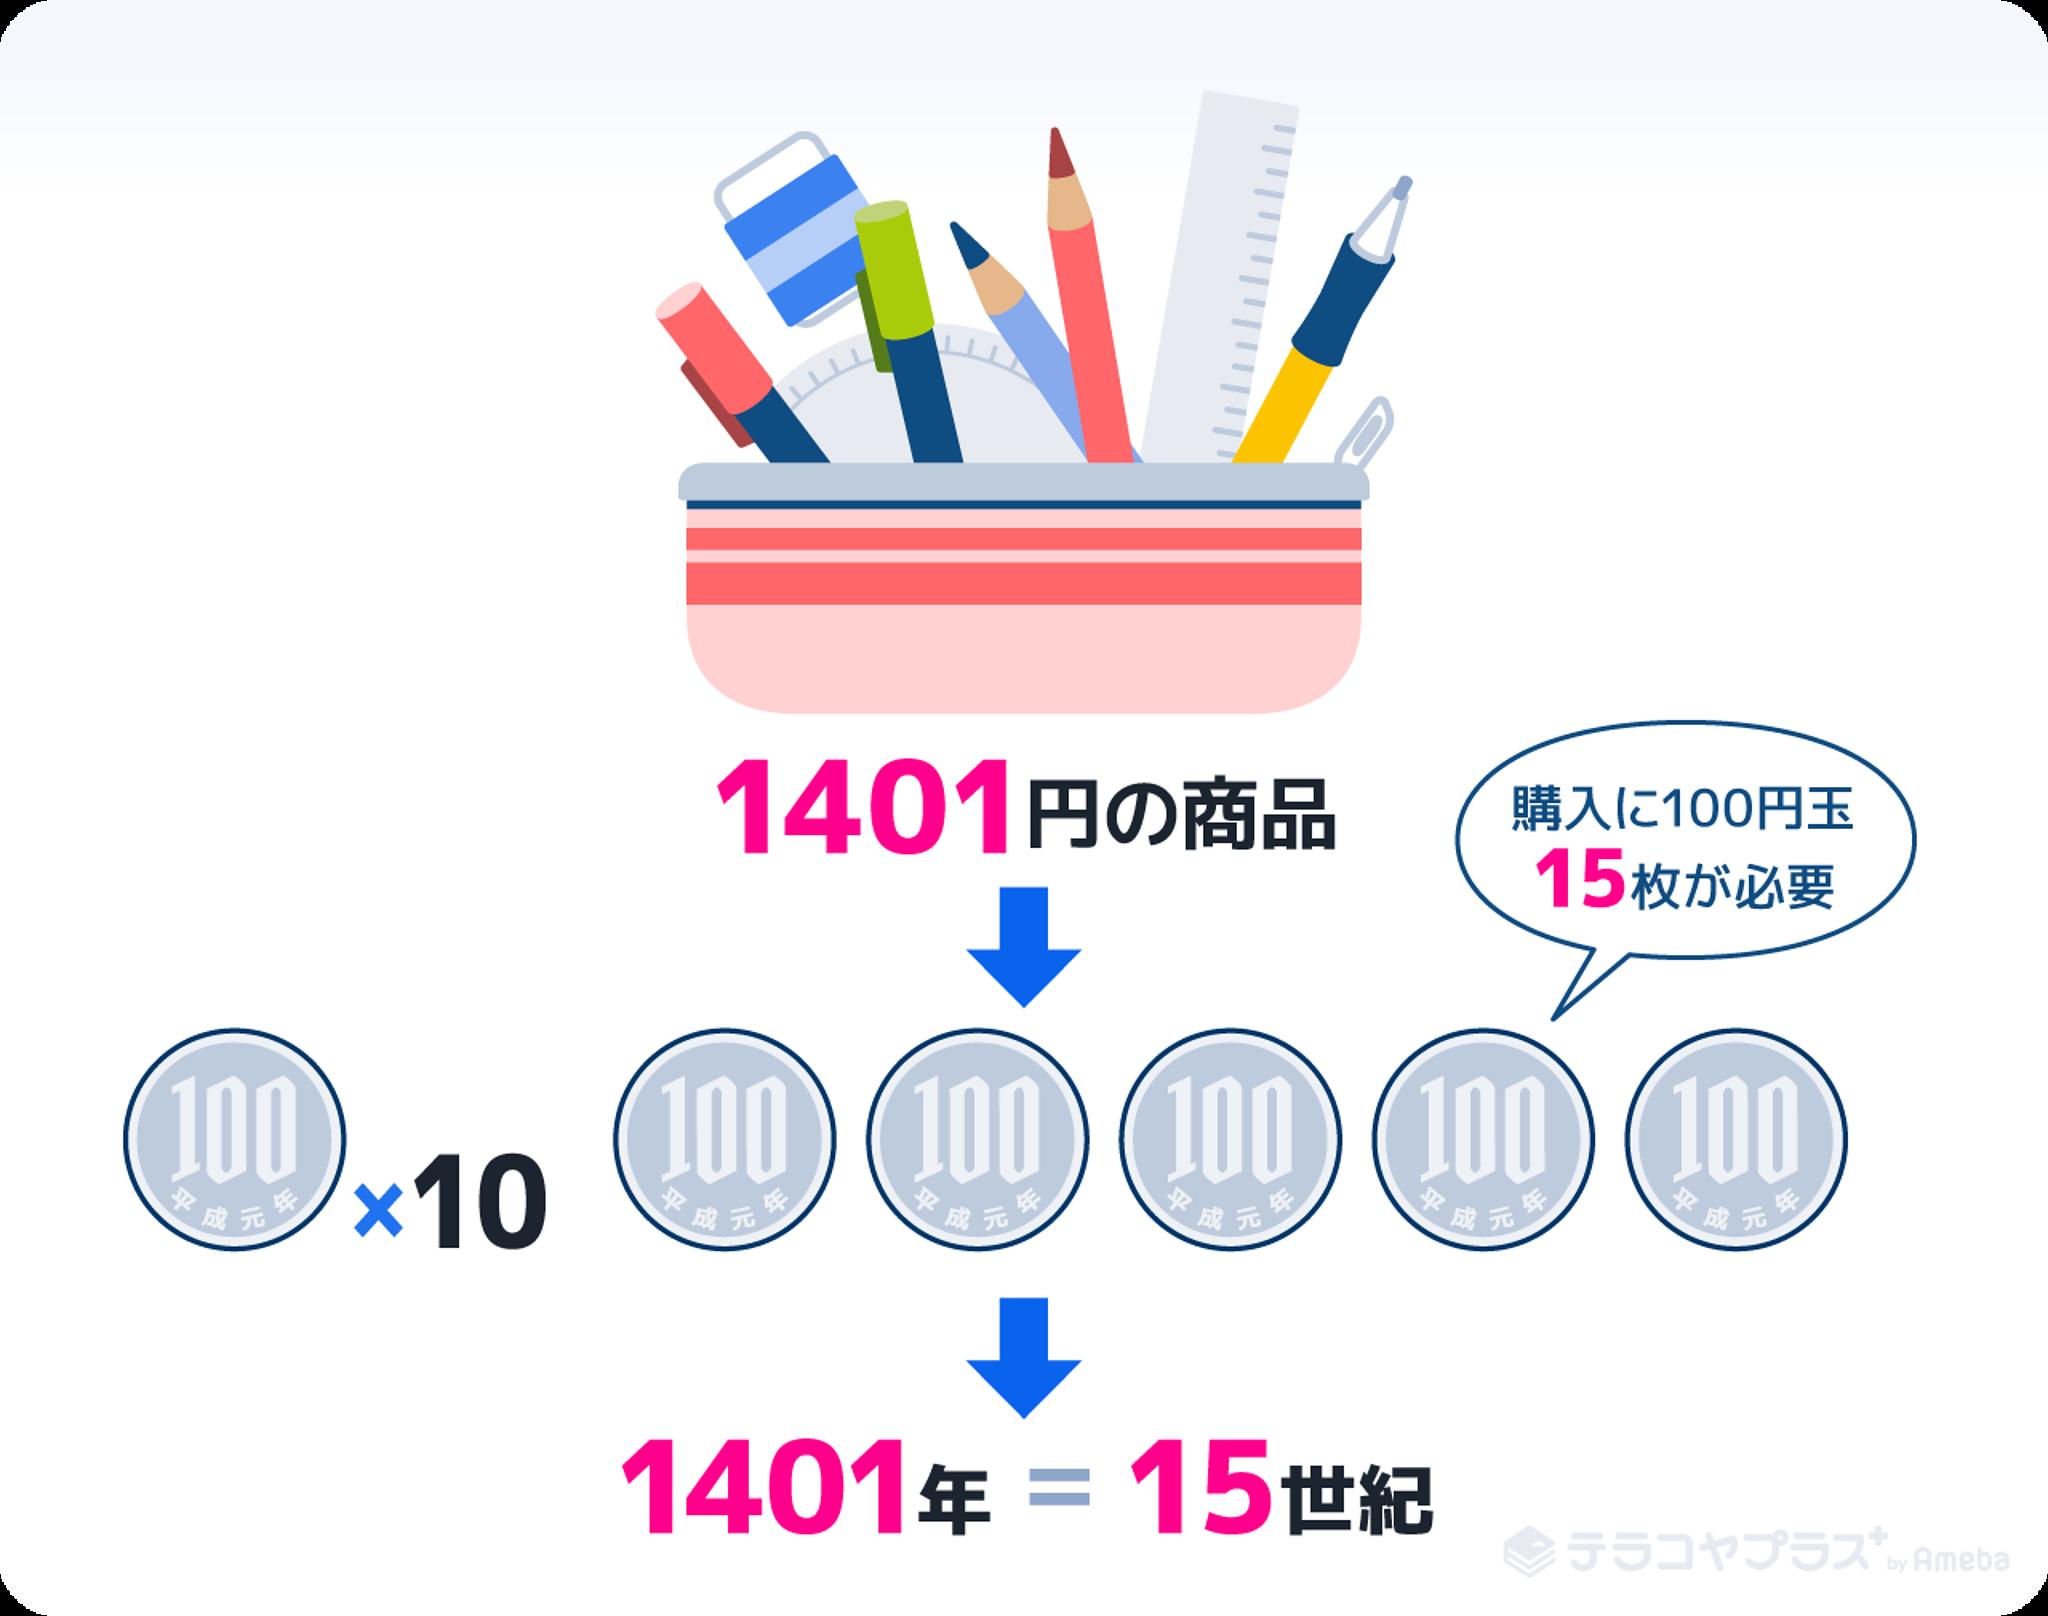 百円玉15枚と商品のイラスト画像